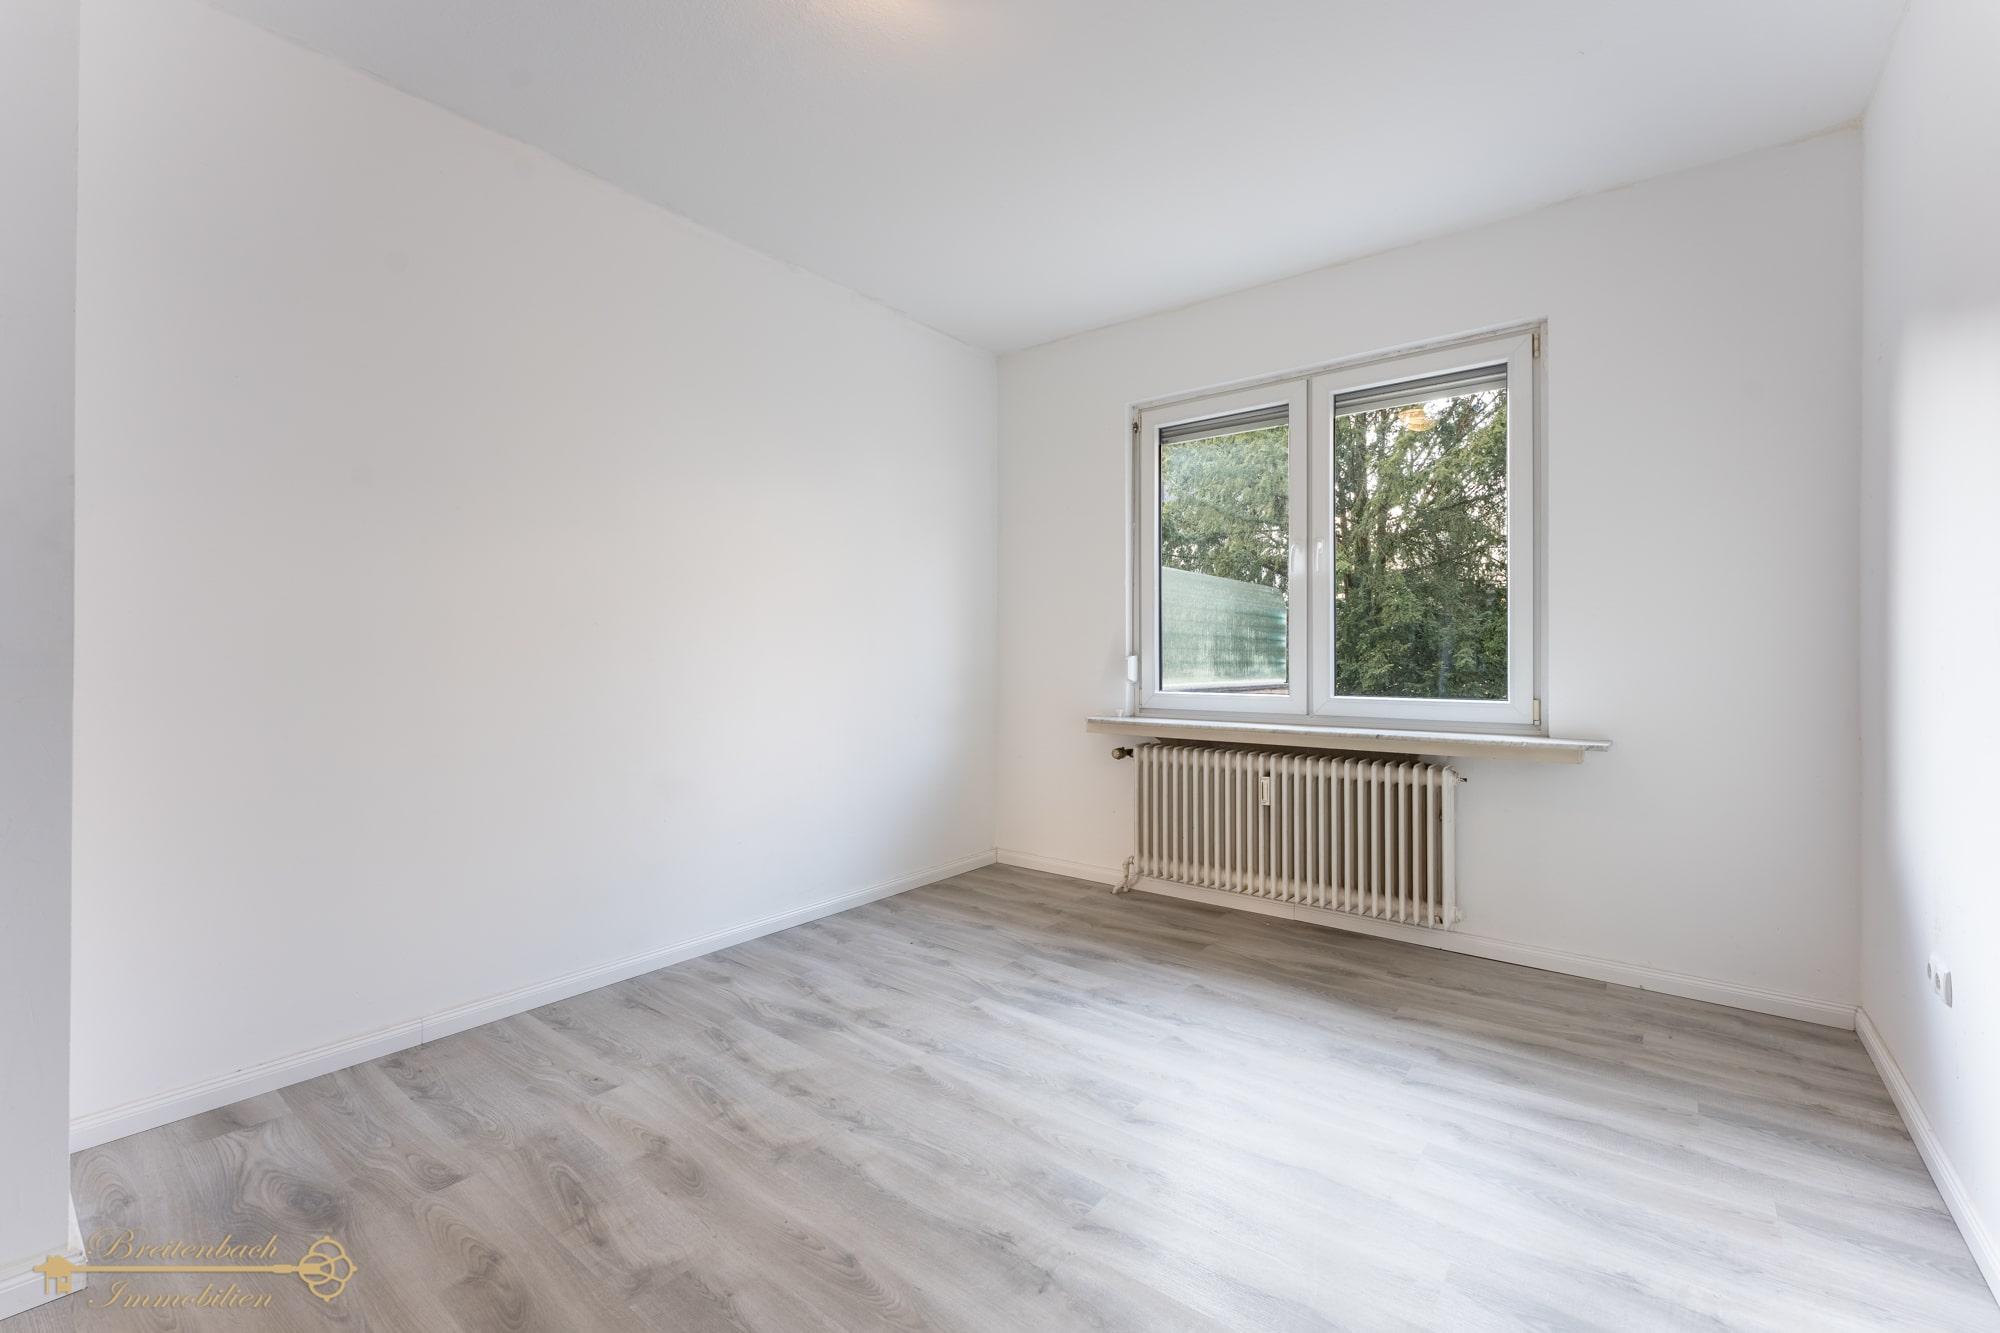 2021-04-16-Breitenbach-Immobilien-Makler-Bremen-14-min